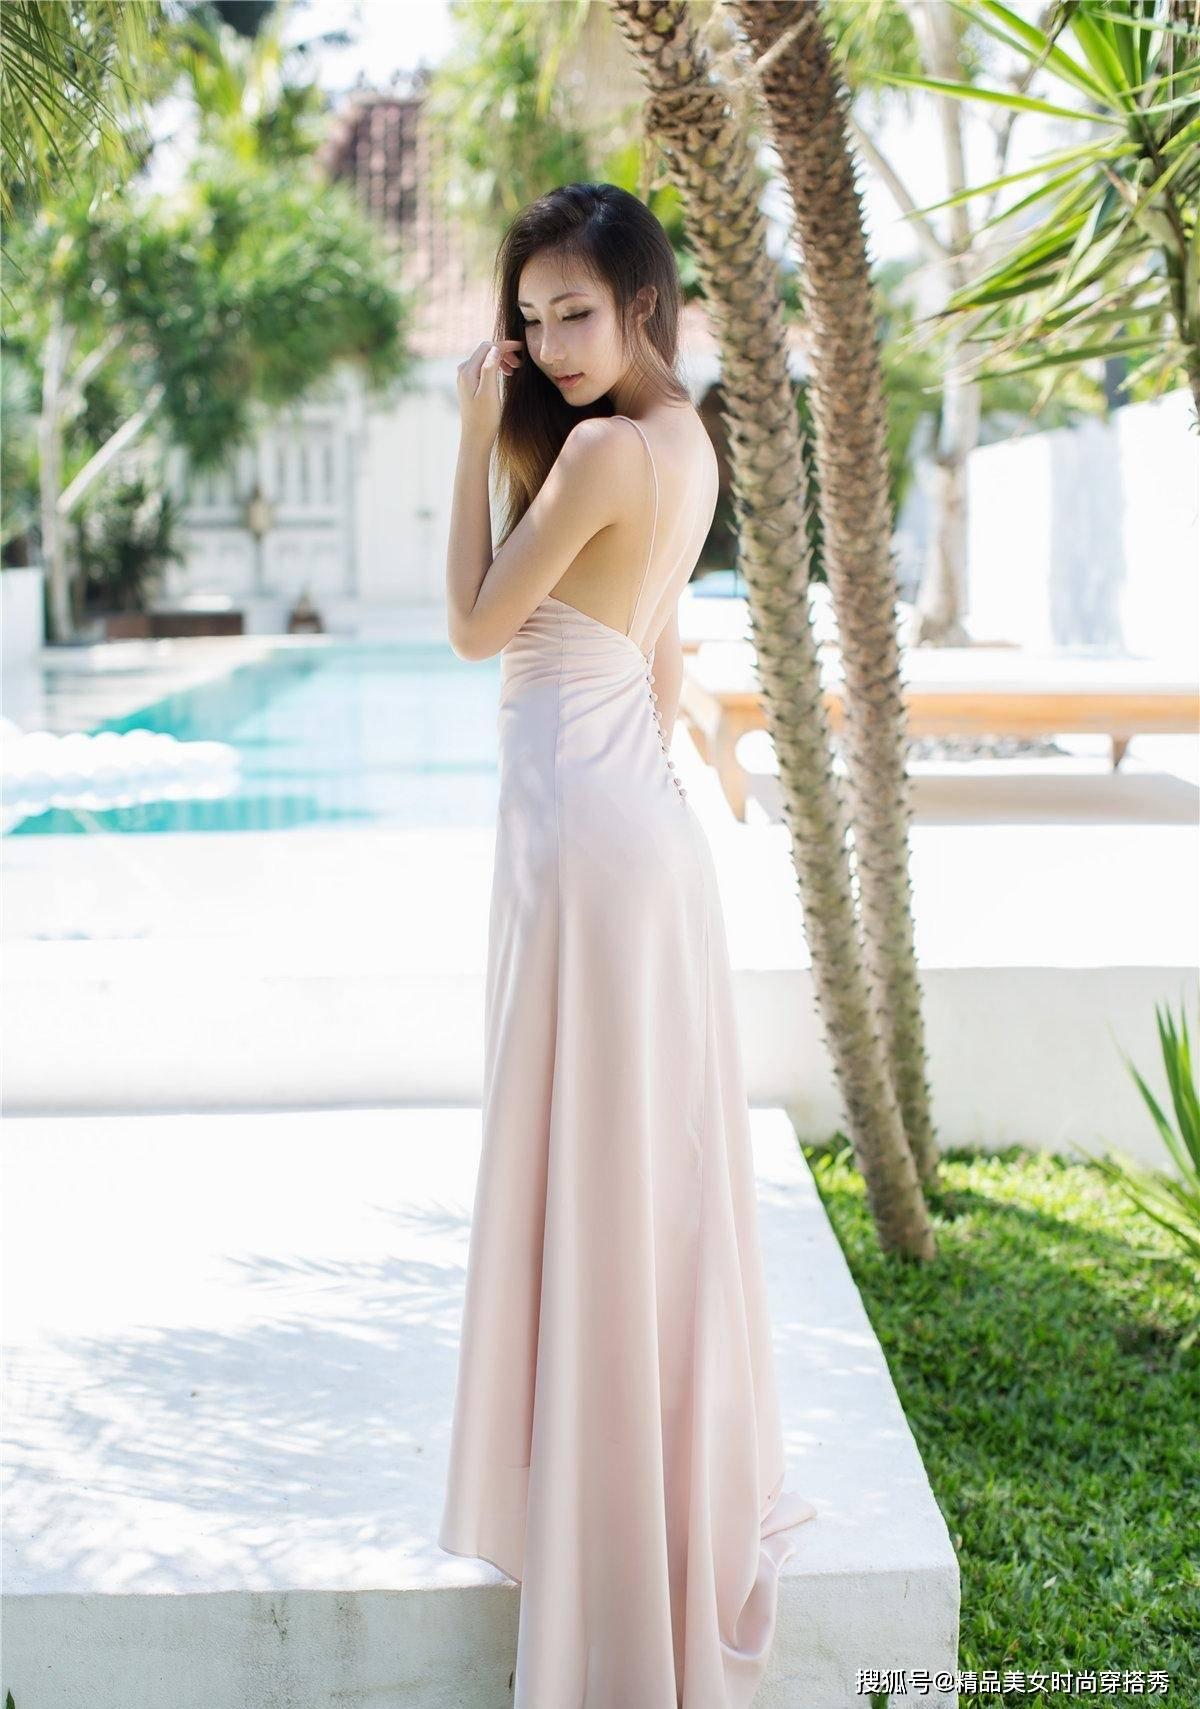 素雅的吊带裙,复古的旗袍裙,不同风格的连衣裙,你更喜欢哪一种